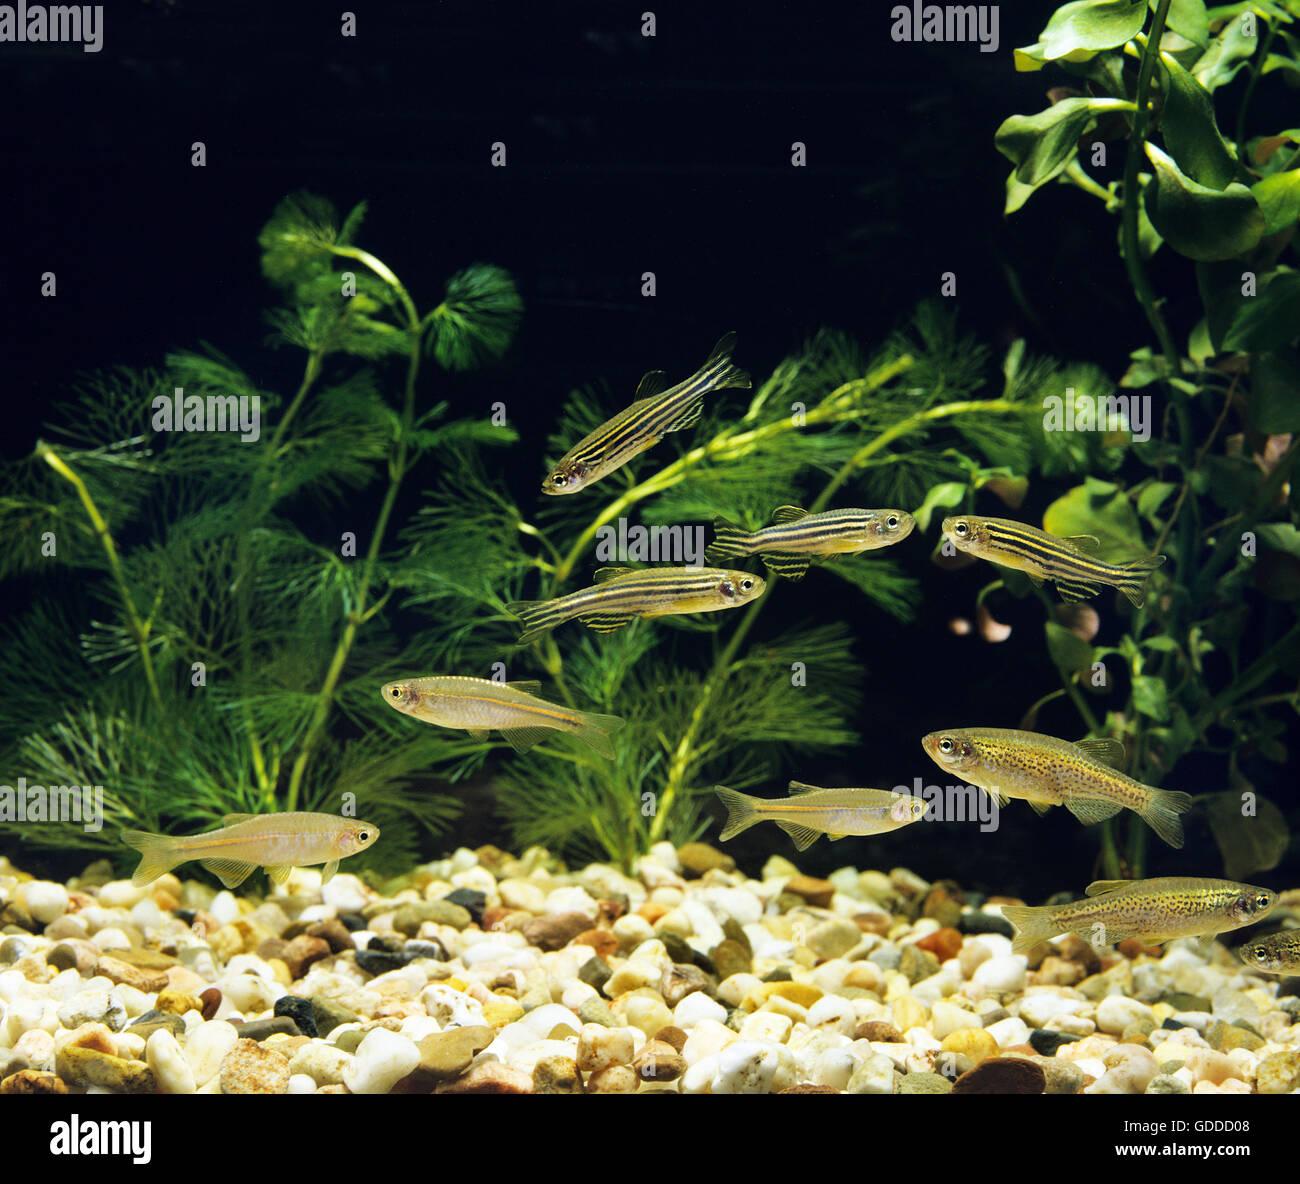 Aquarium with Pearl Danio, brachydanio albolineatus, Leopard Danio,  brachydanio frankei and Zebra Danio Fish, brachydanio Stock Photo